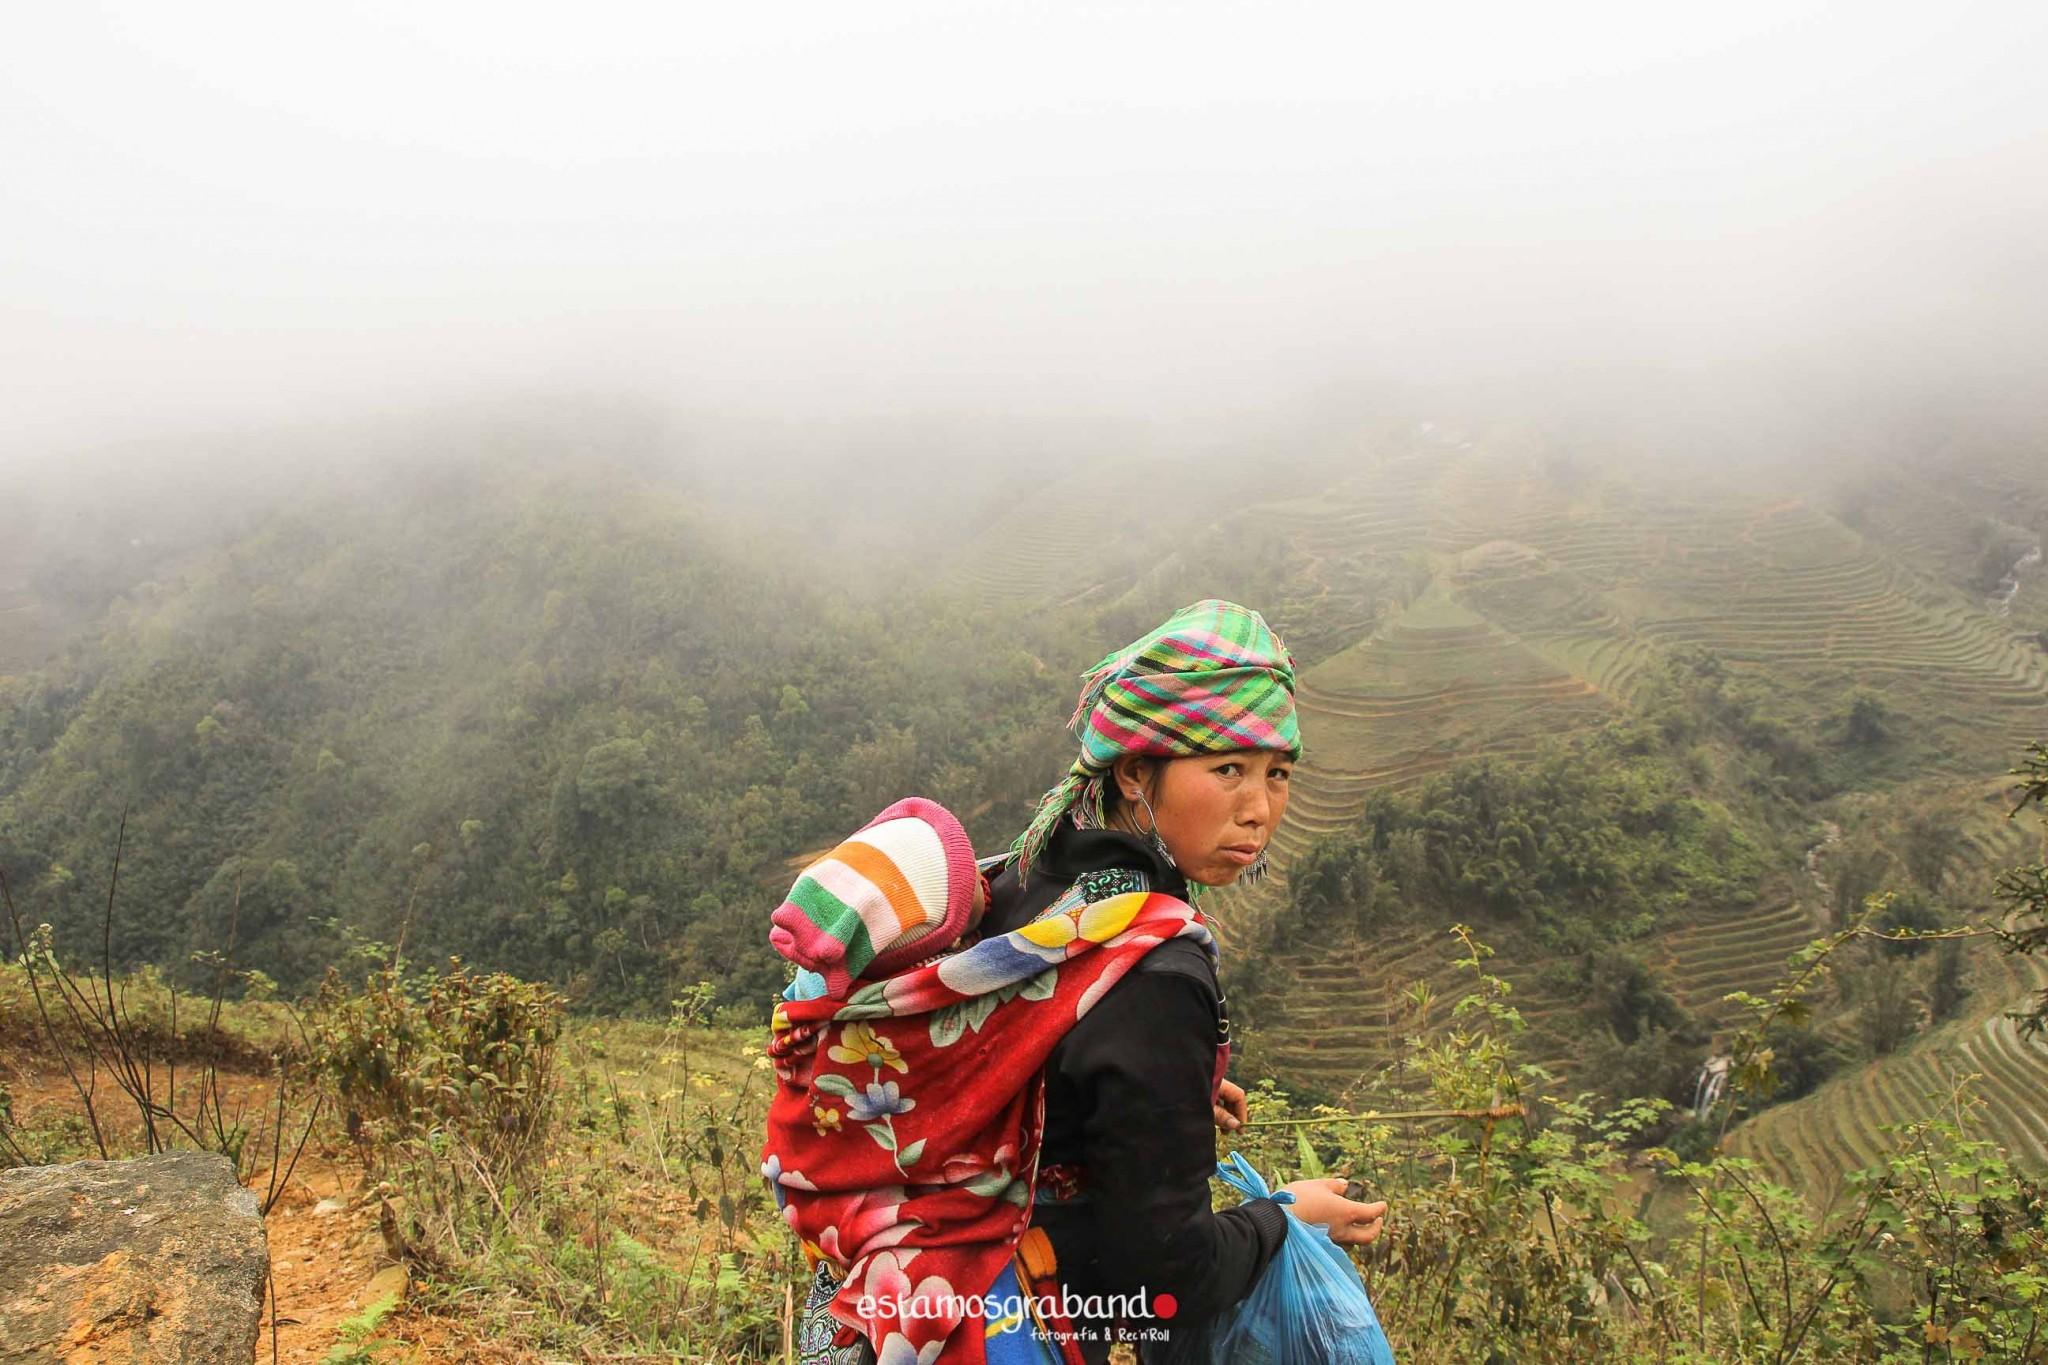 reportaje-vietnam_fotograficc81a-vietnam_estamosgrabando-vietnam_rutasvietnam_reportaje-retratos-fotos-vietnam_fotografia-vietnam_reportaje-estamosgrabando-fotograficc81a-vietnam-7 Pequeños grandes recuerdos de Vietnam en 100 imágenes - video boda cadiz